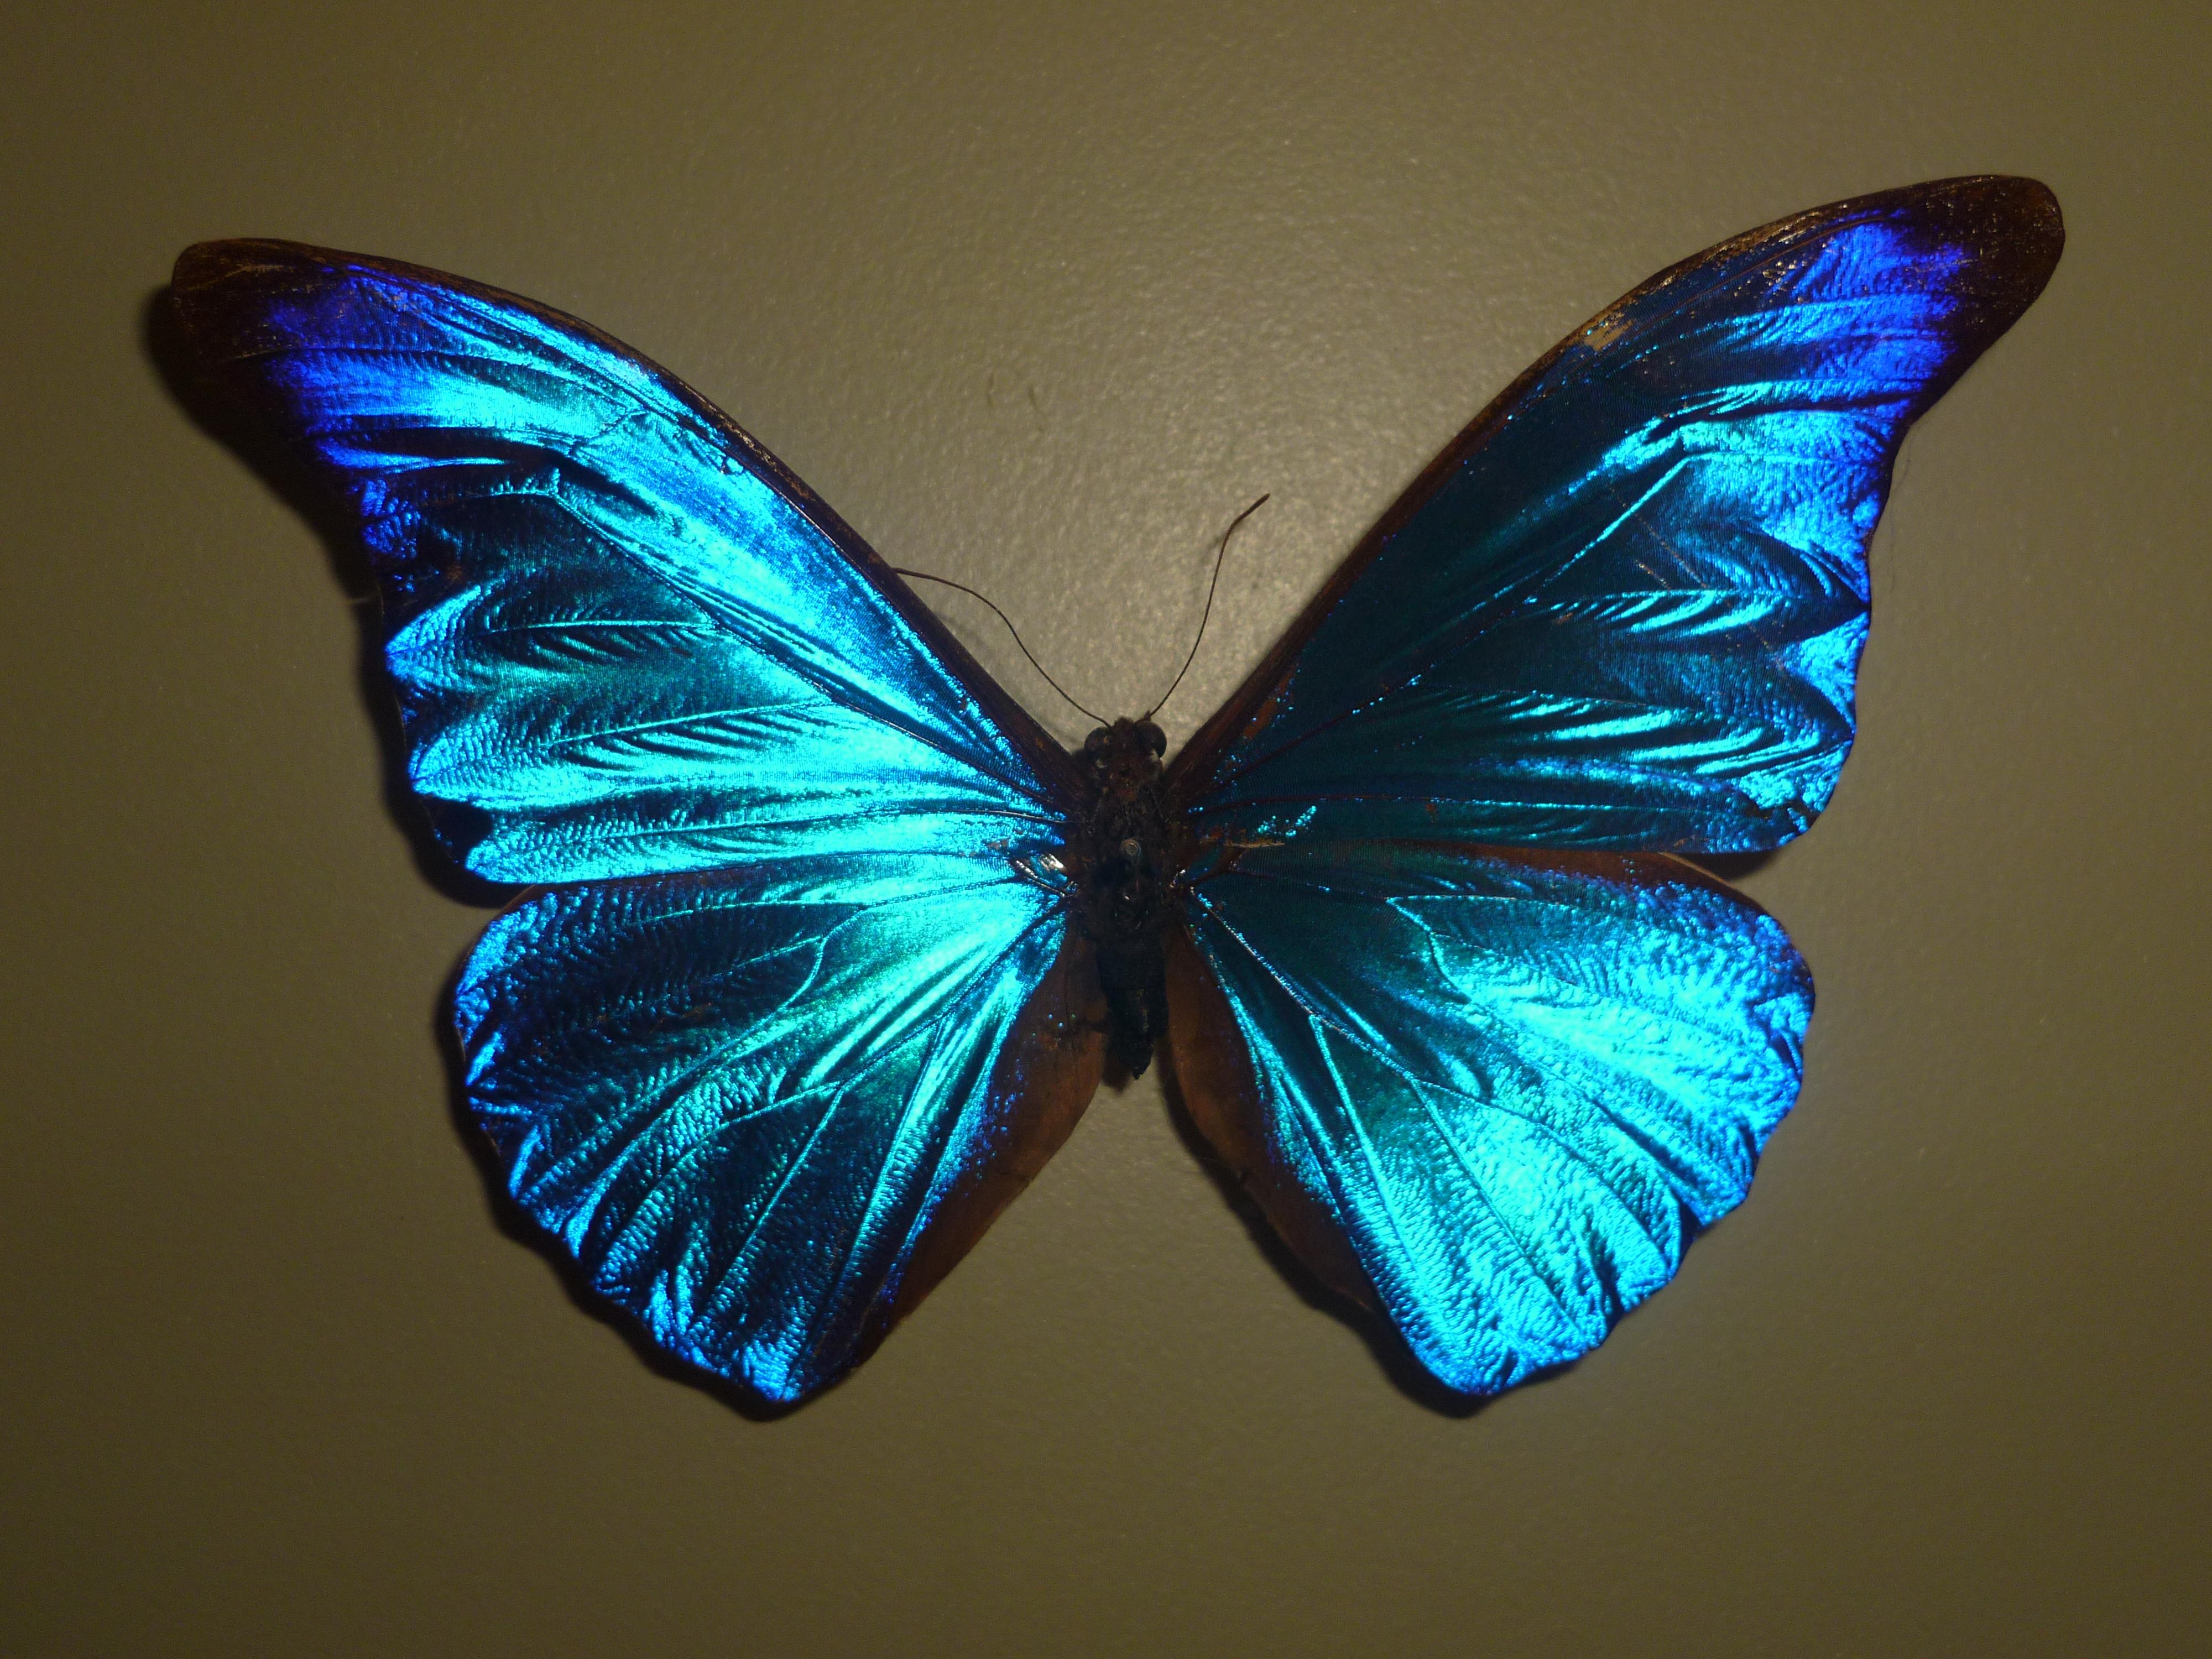 les couleurs irises et mtallises des ailes sont souvent des couleurs optiques elles sont obtenues par rflexion et interfrence de la lumire sur la - Image De Papillon